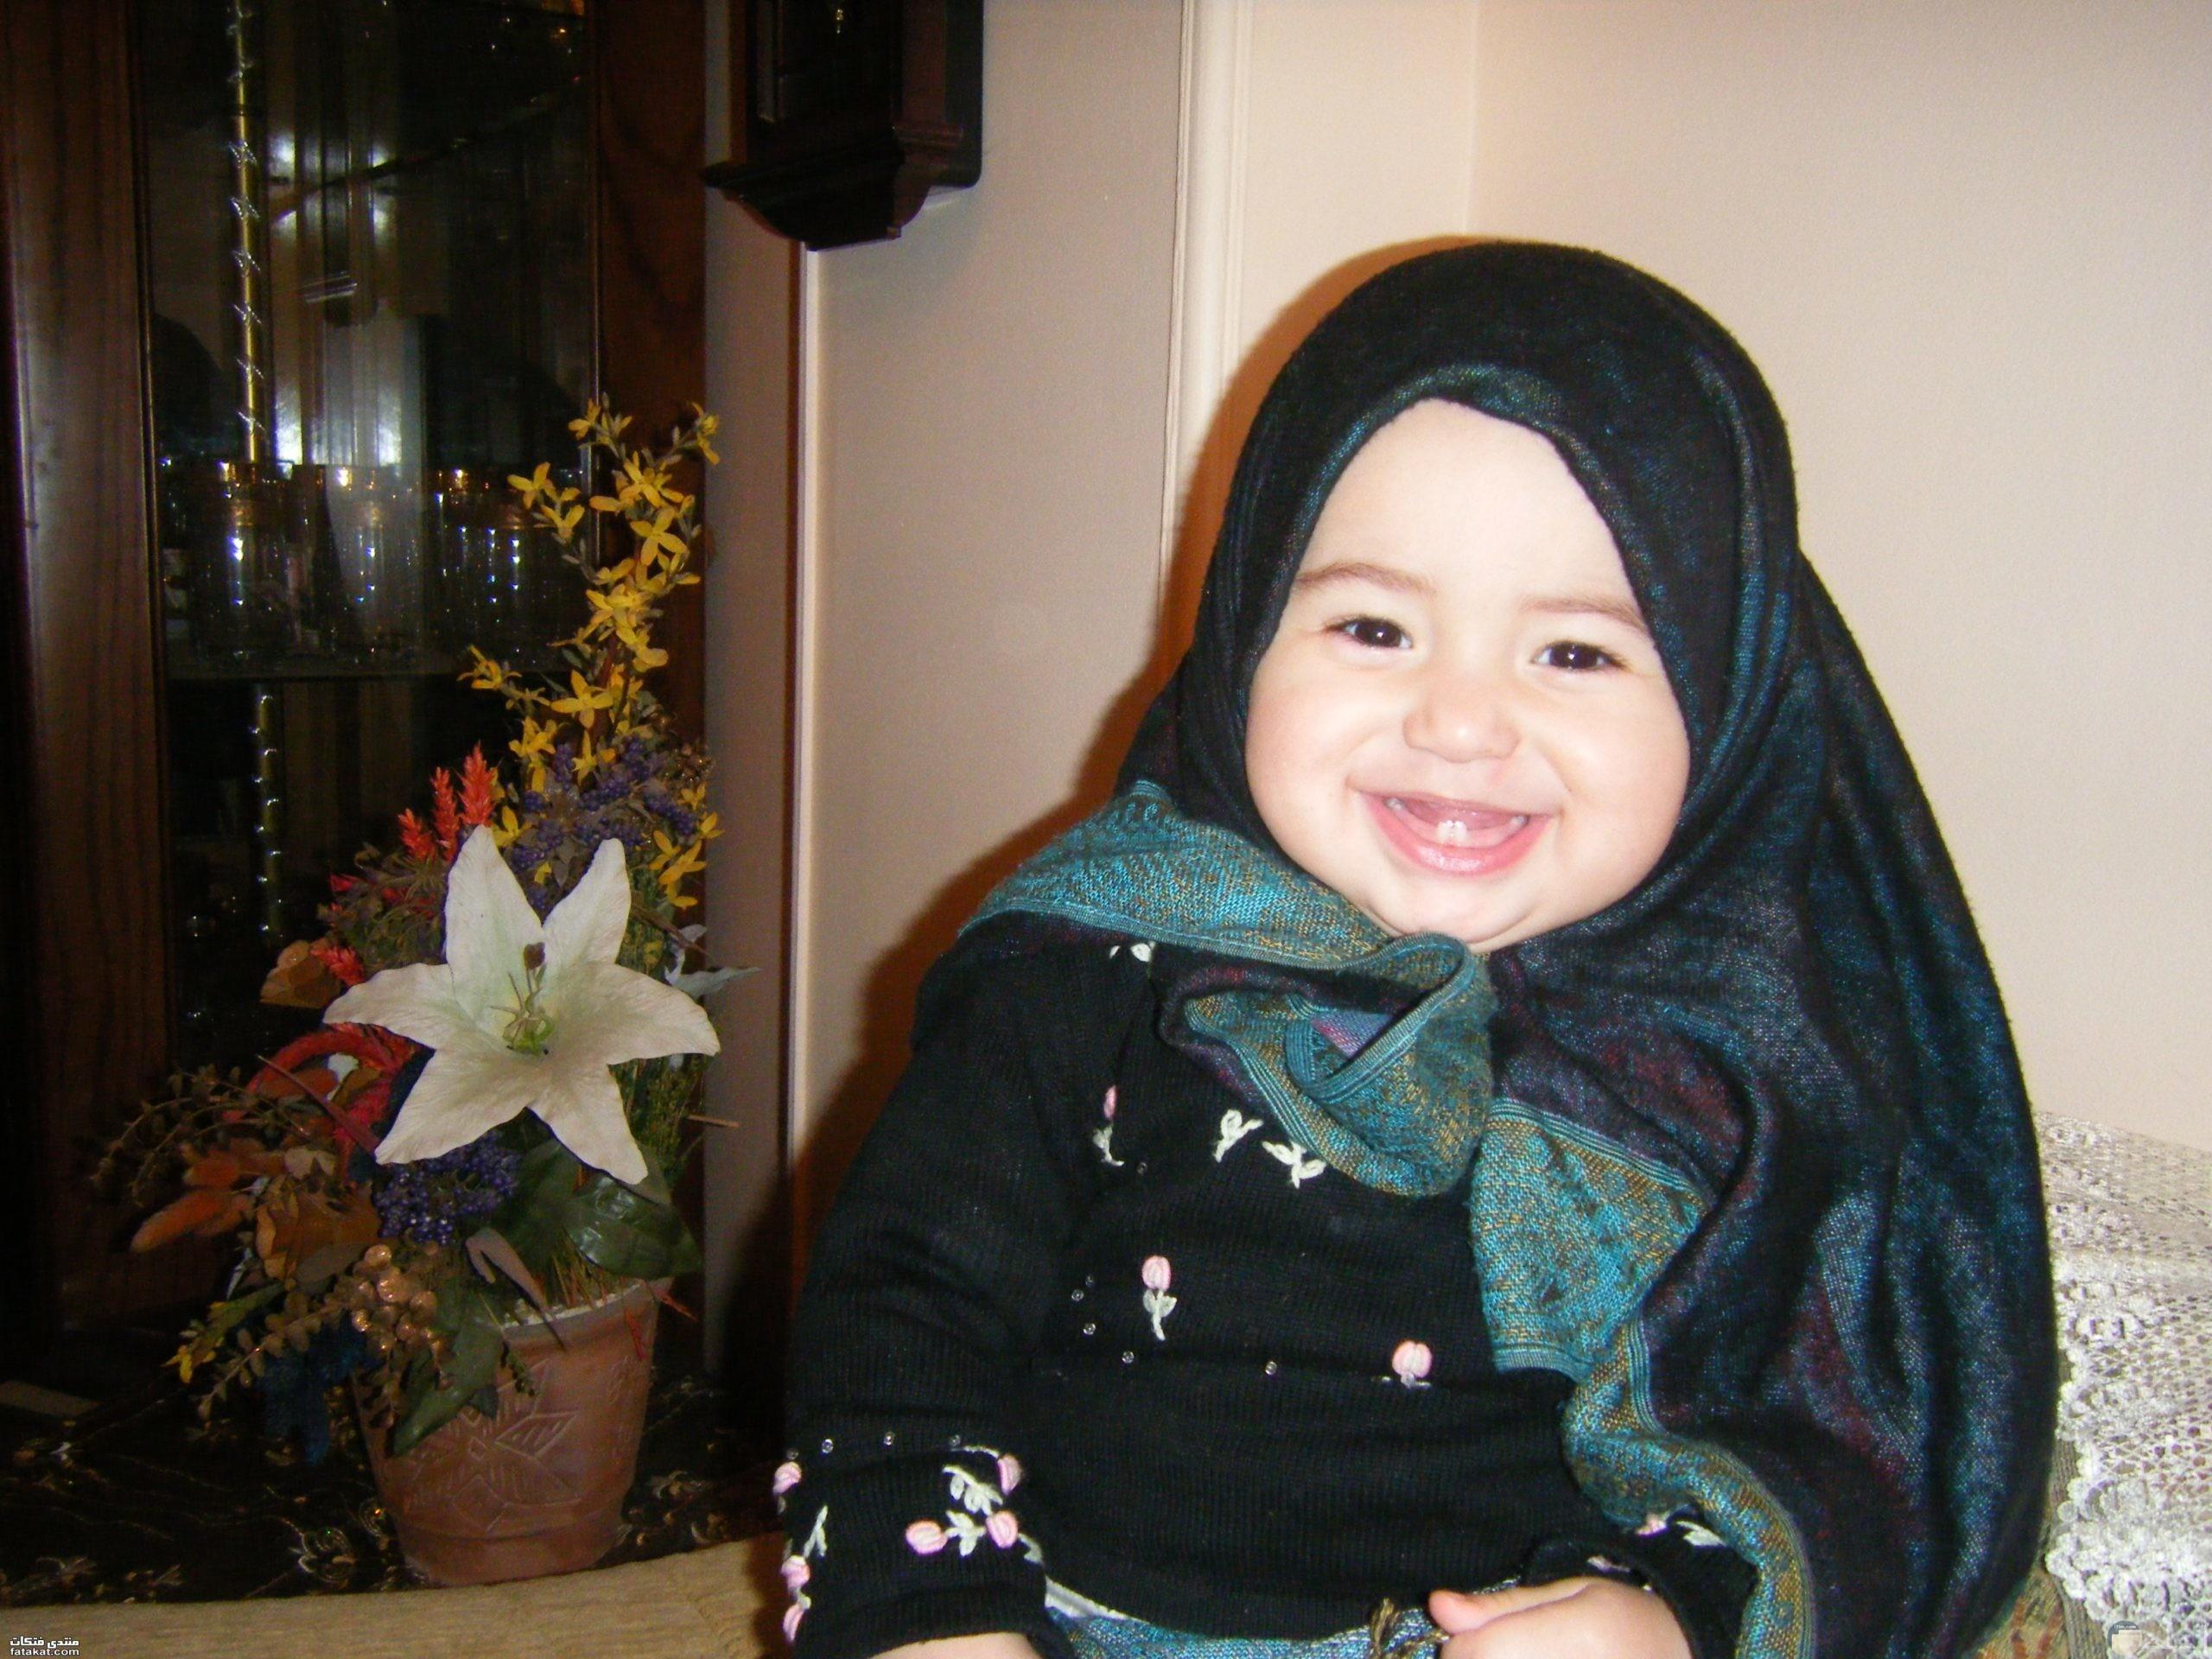 طفلة جميلة ترتدى الحجاب وتبتسم